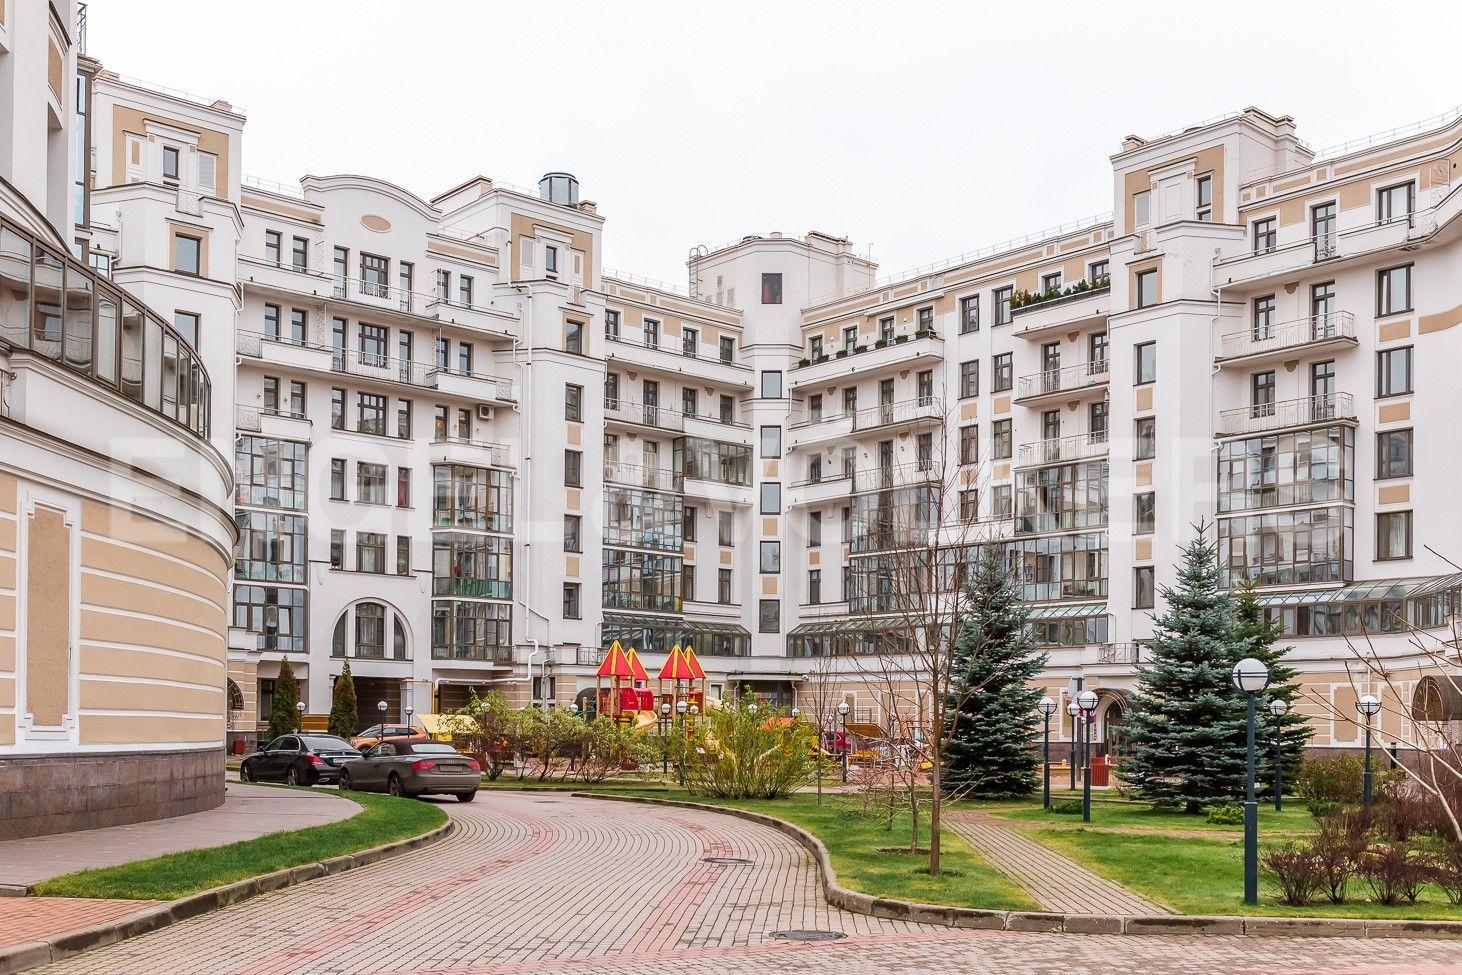 Элитные квартиры на . Санкт-Петербург, Морской пр, 33. Благоустроенный двор